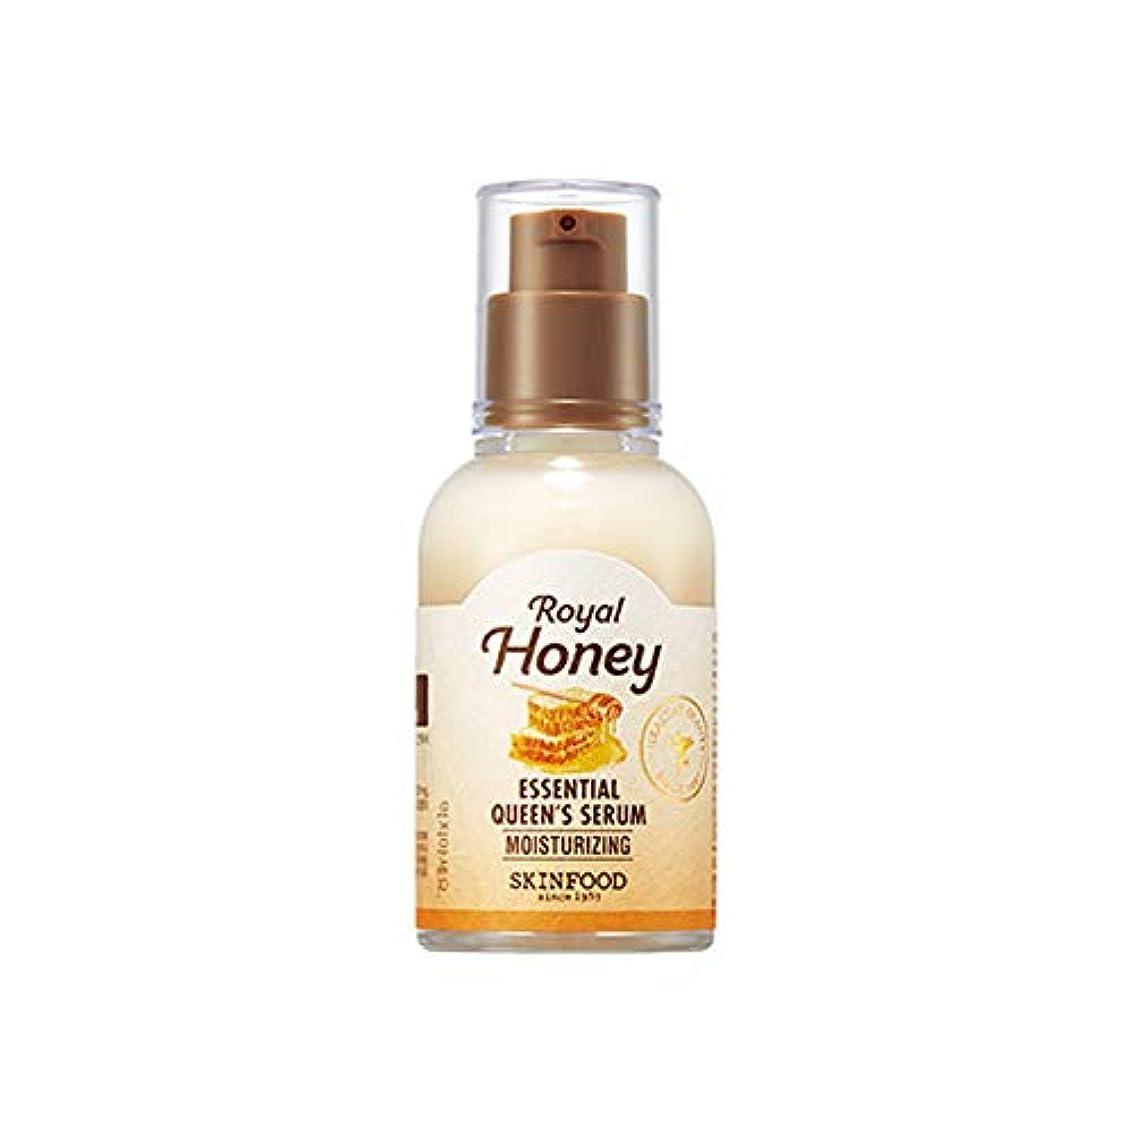 マイナス下に憎しみSkinfood Royal Honey Essential Queen's Serum/ロイヤルハニーエッセンシャルオイルクイーンズ血清/50ml [並行輸入品]